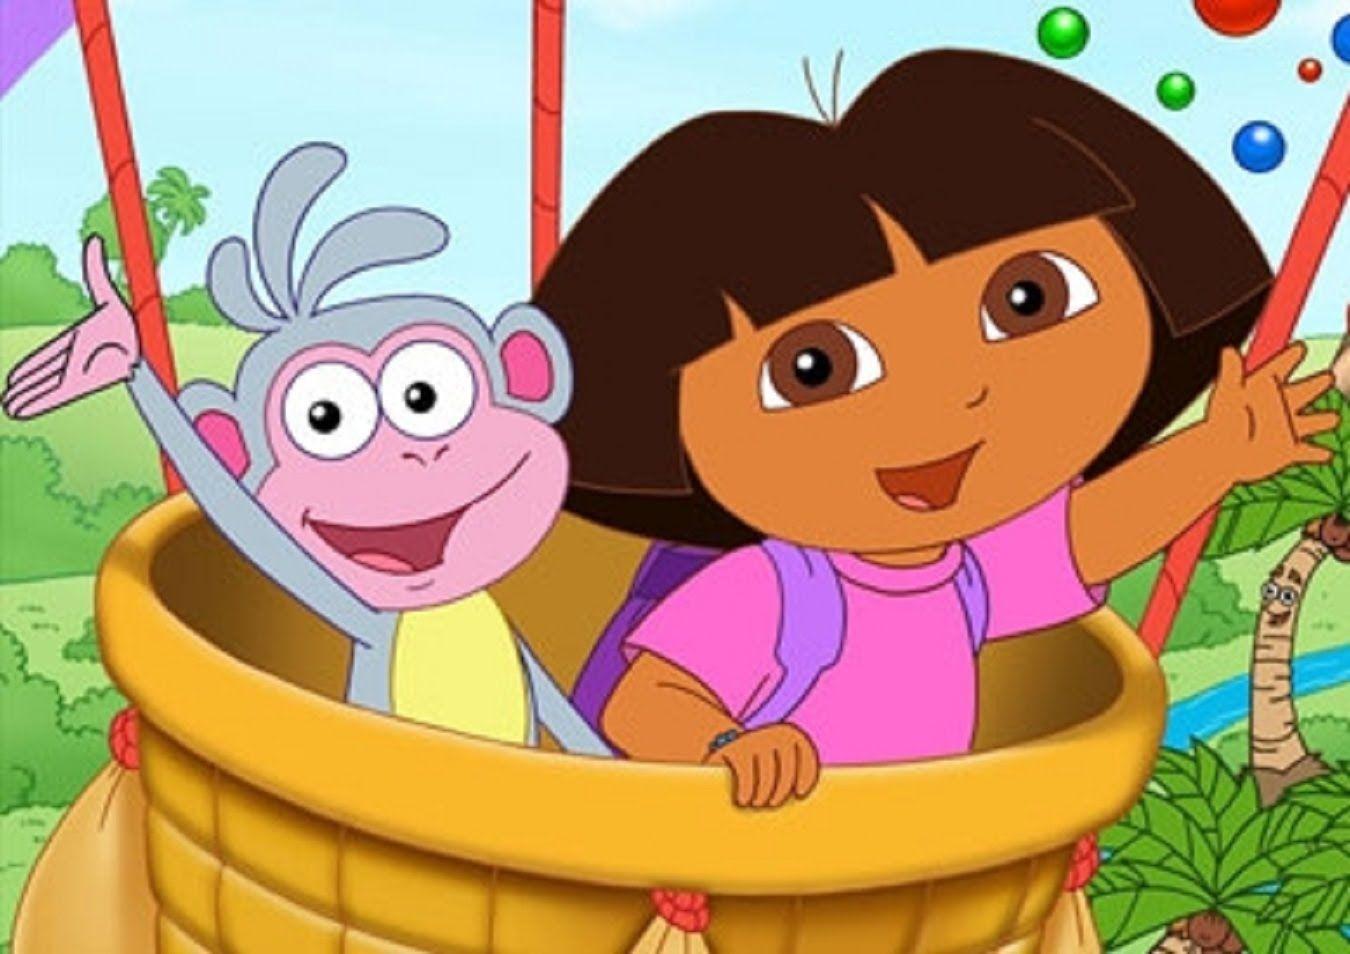 Dora cartoon Dora the explorer, Dora cartoon, Dora